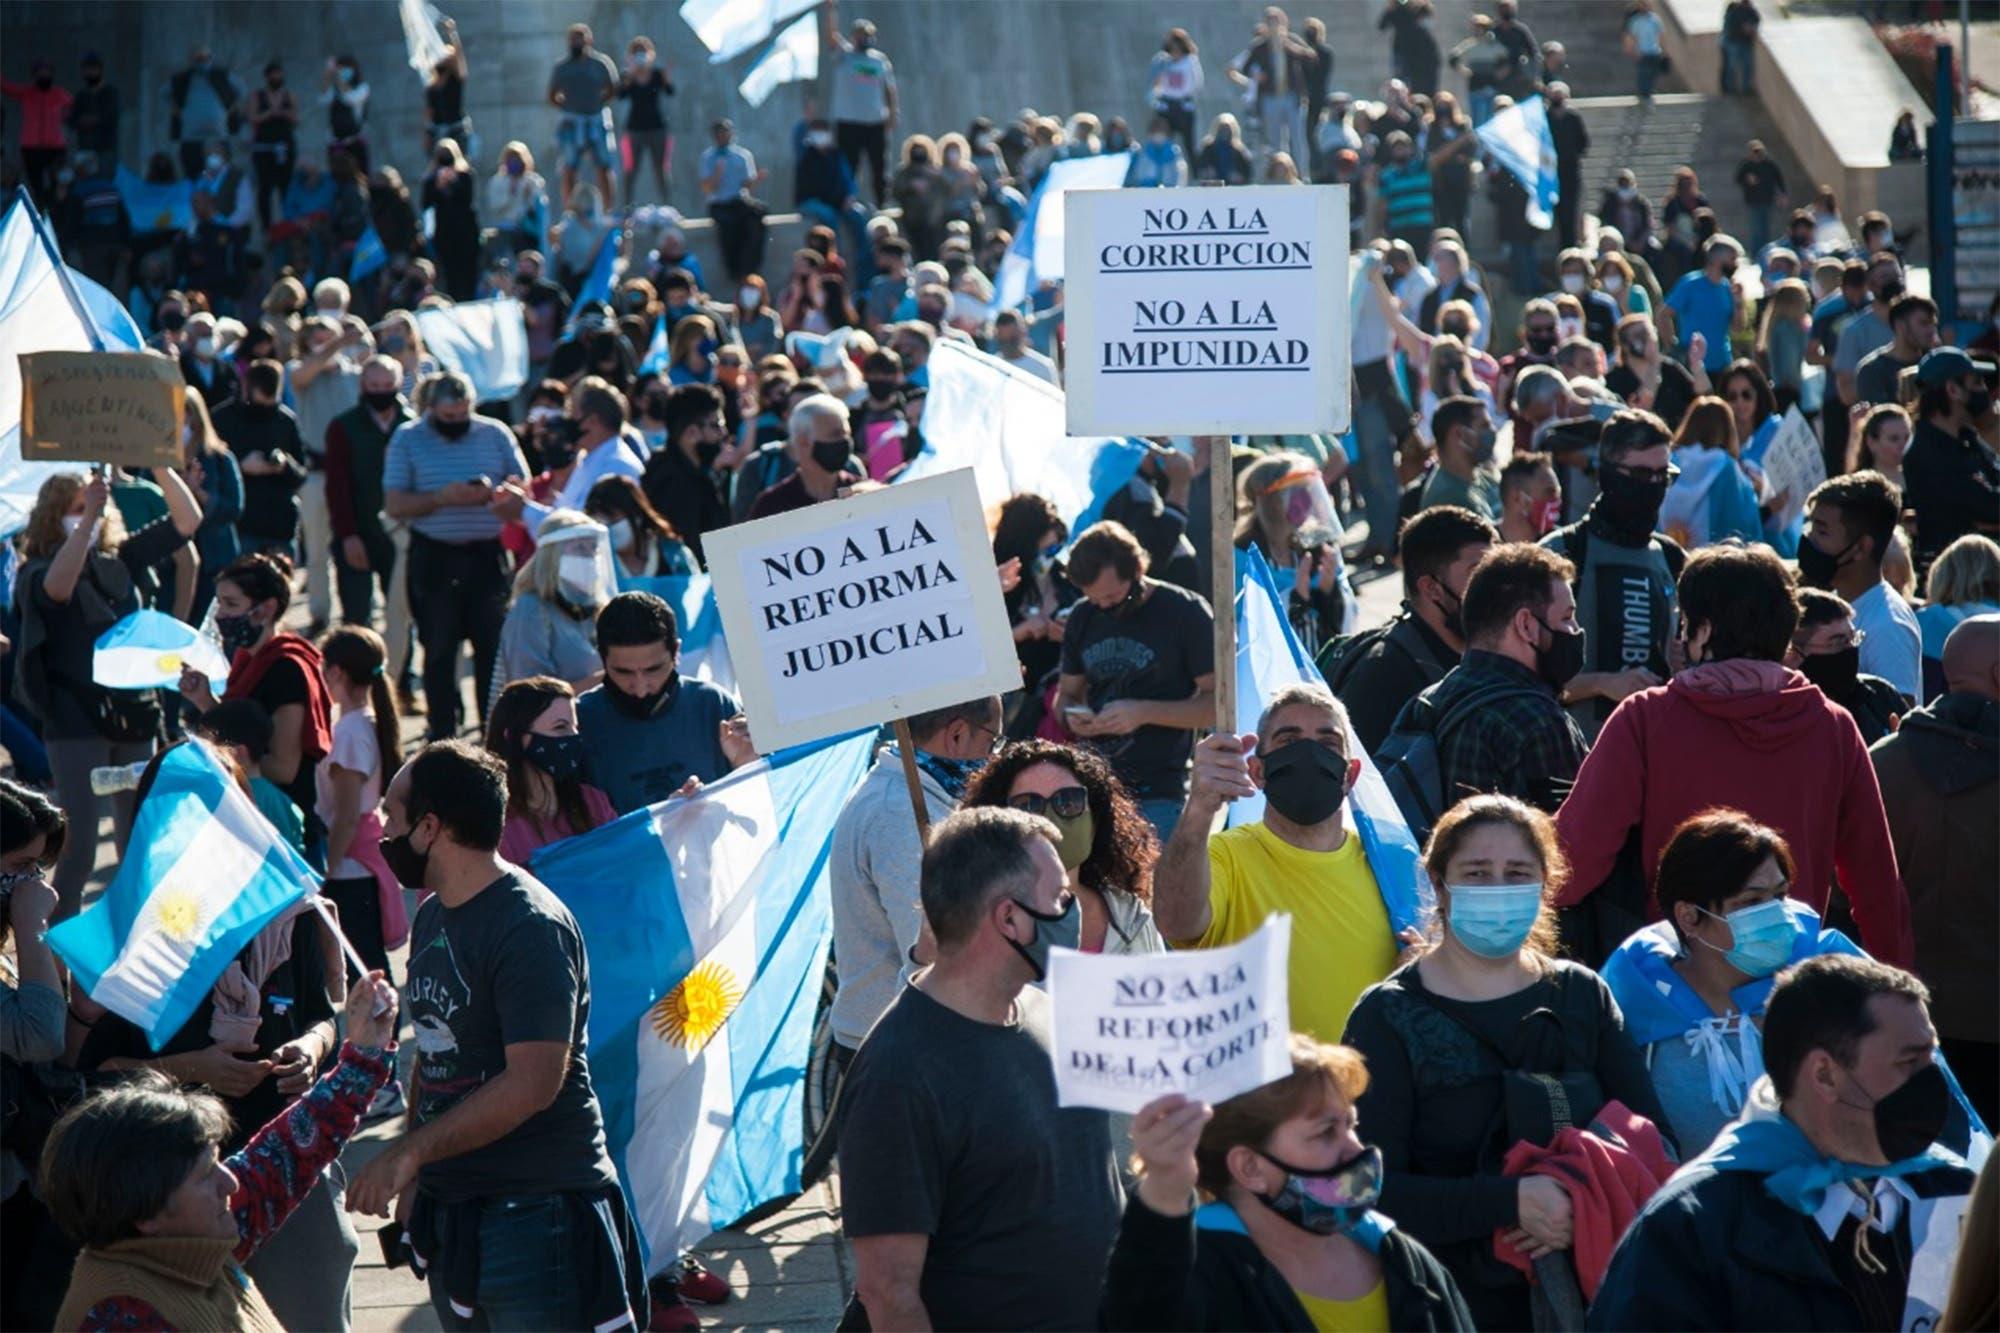 Marcha del 26A: cuáles son todos los puntos de encuentro para el banderazo contra la reforma judicial